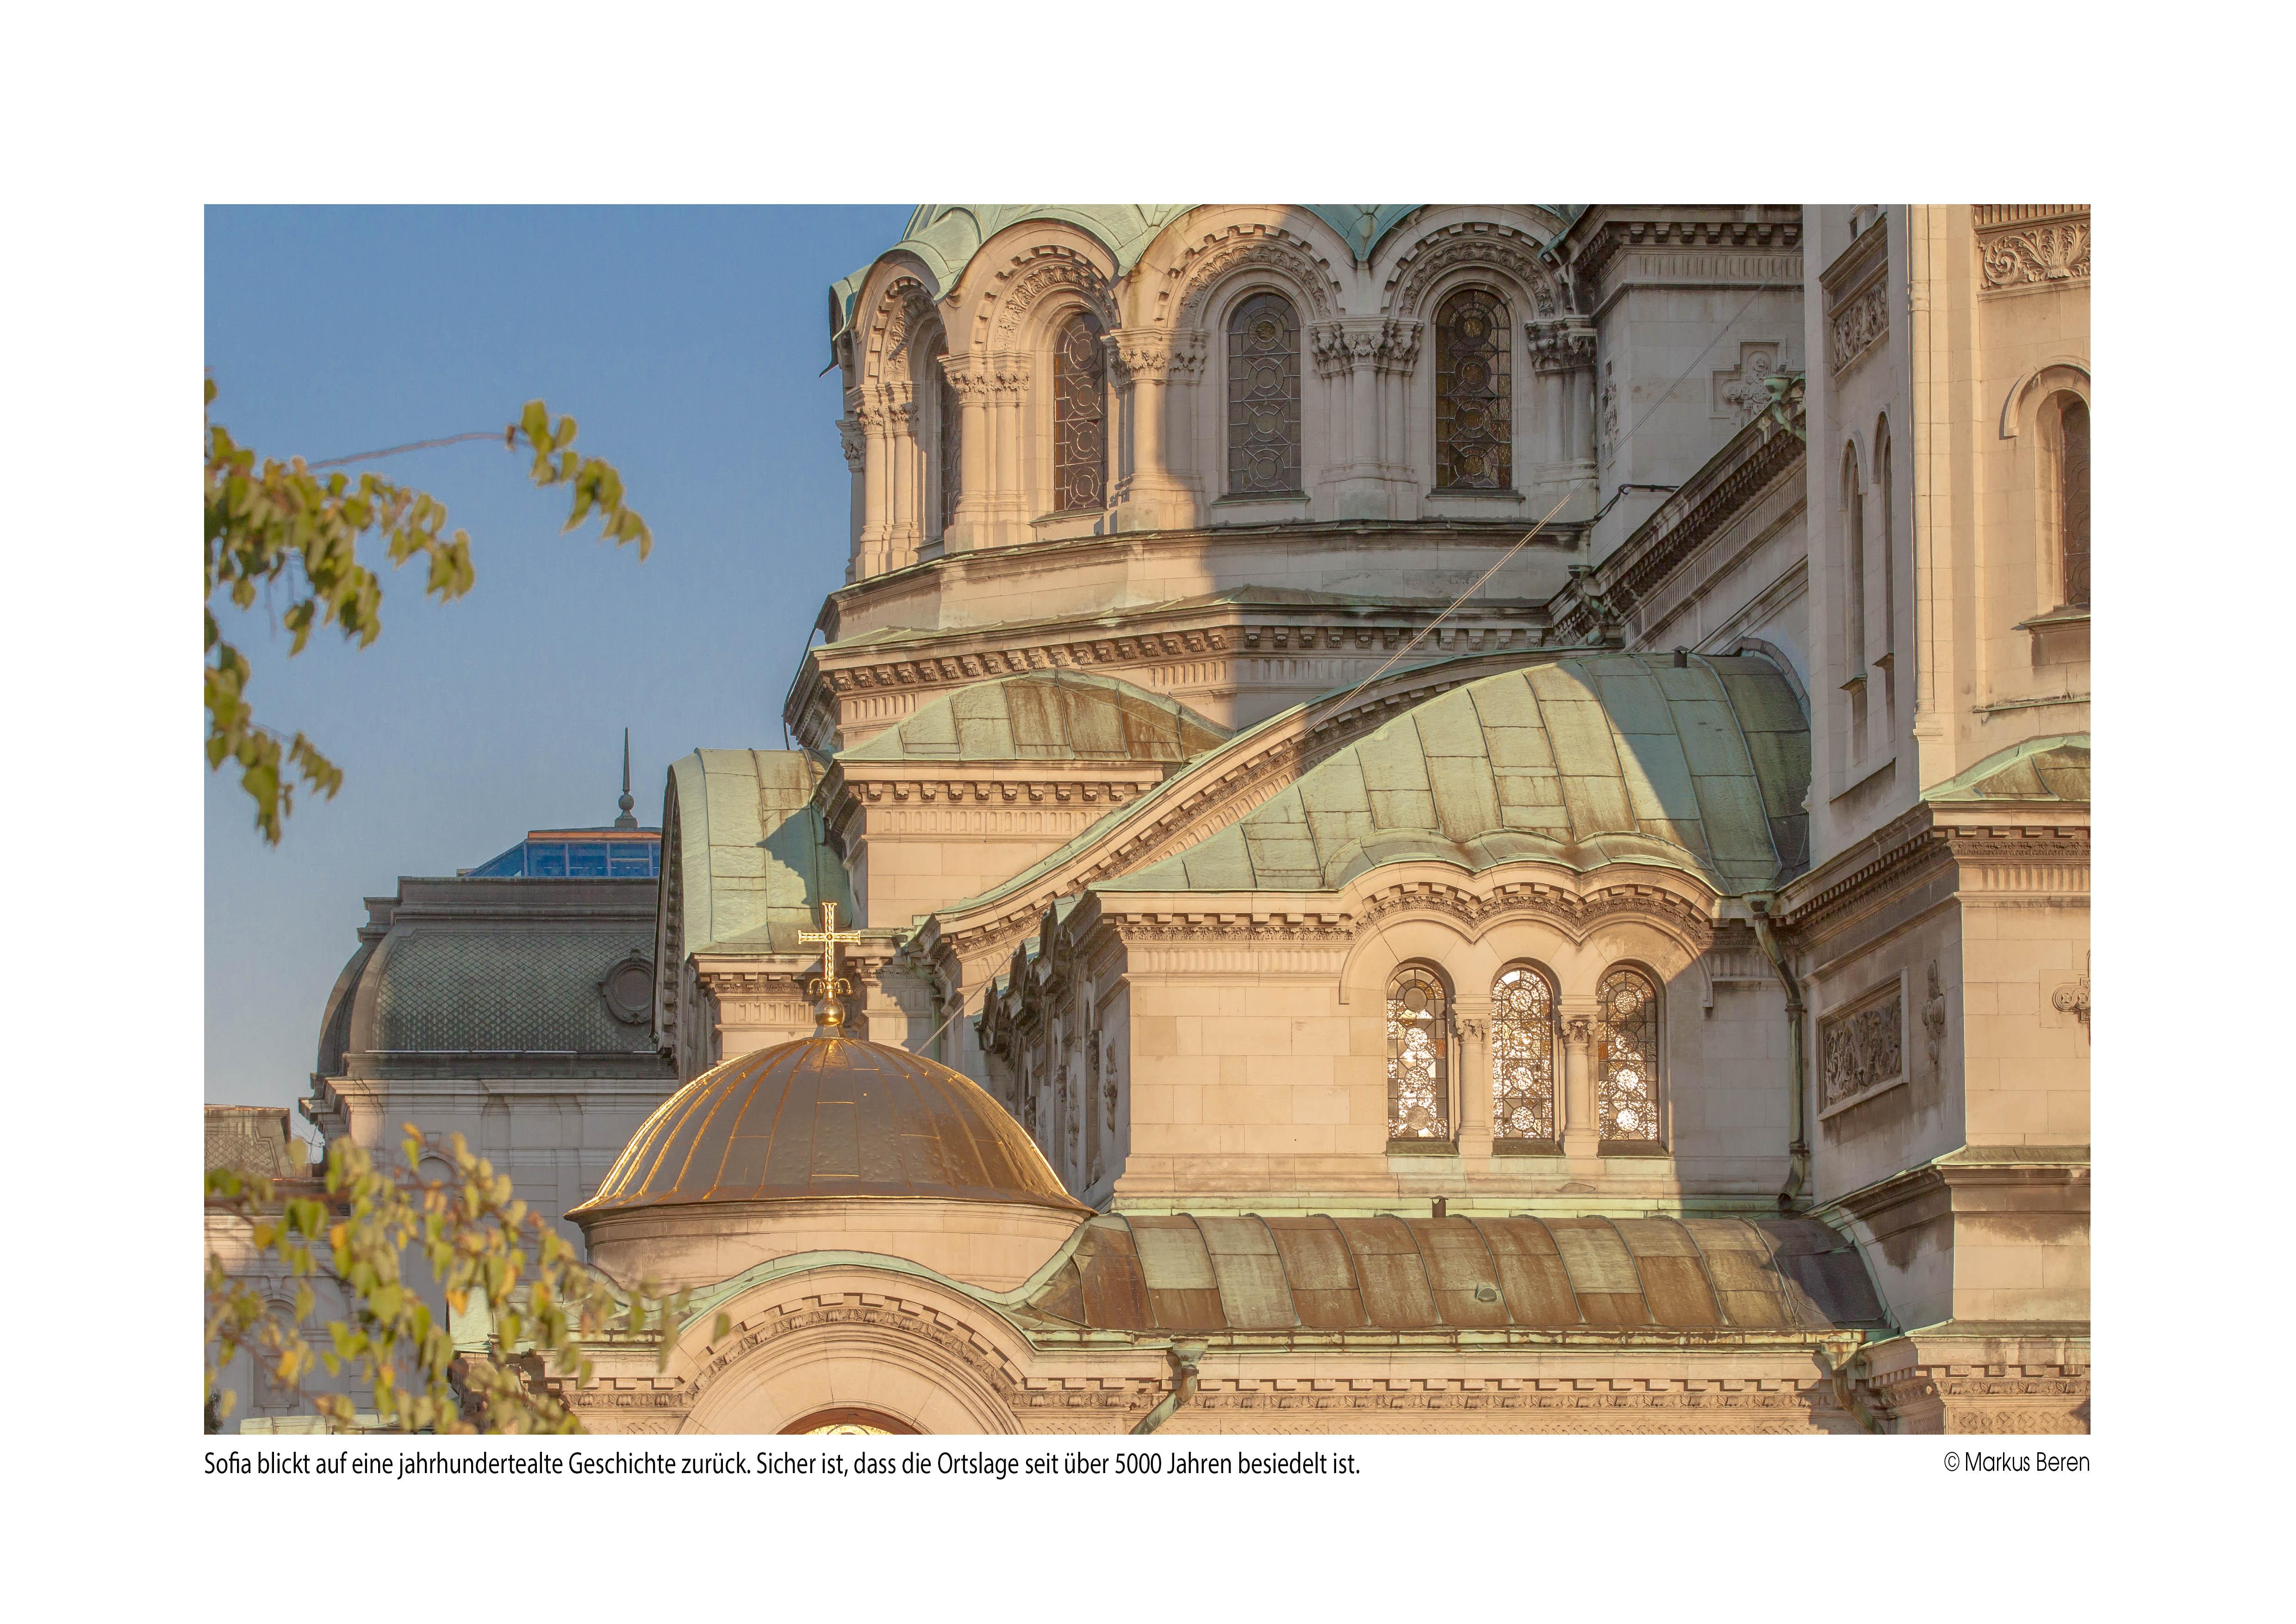 Sofia 5000 Jahre